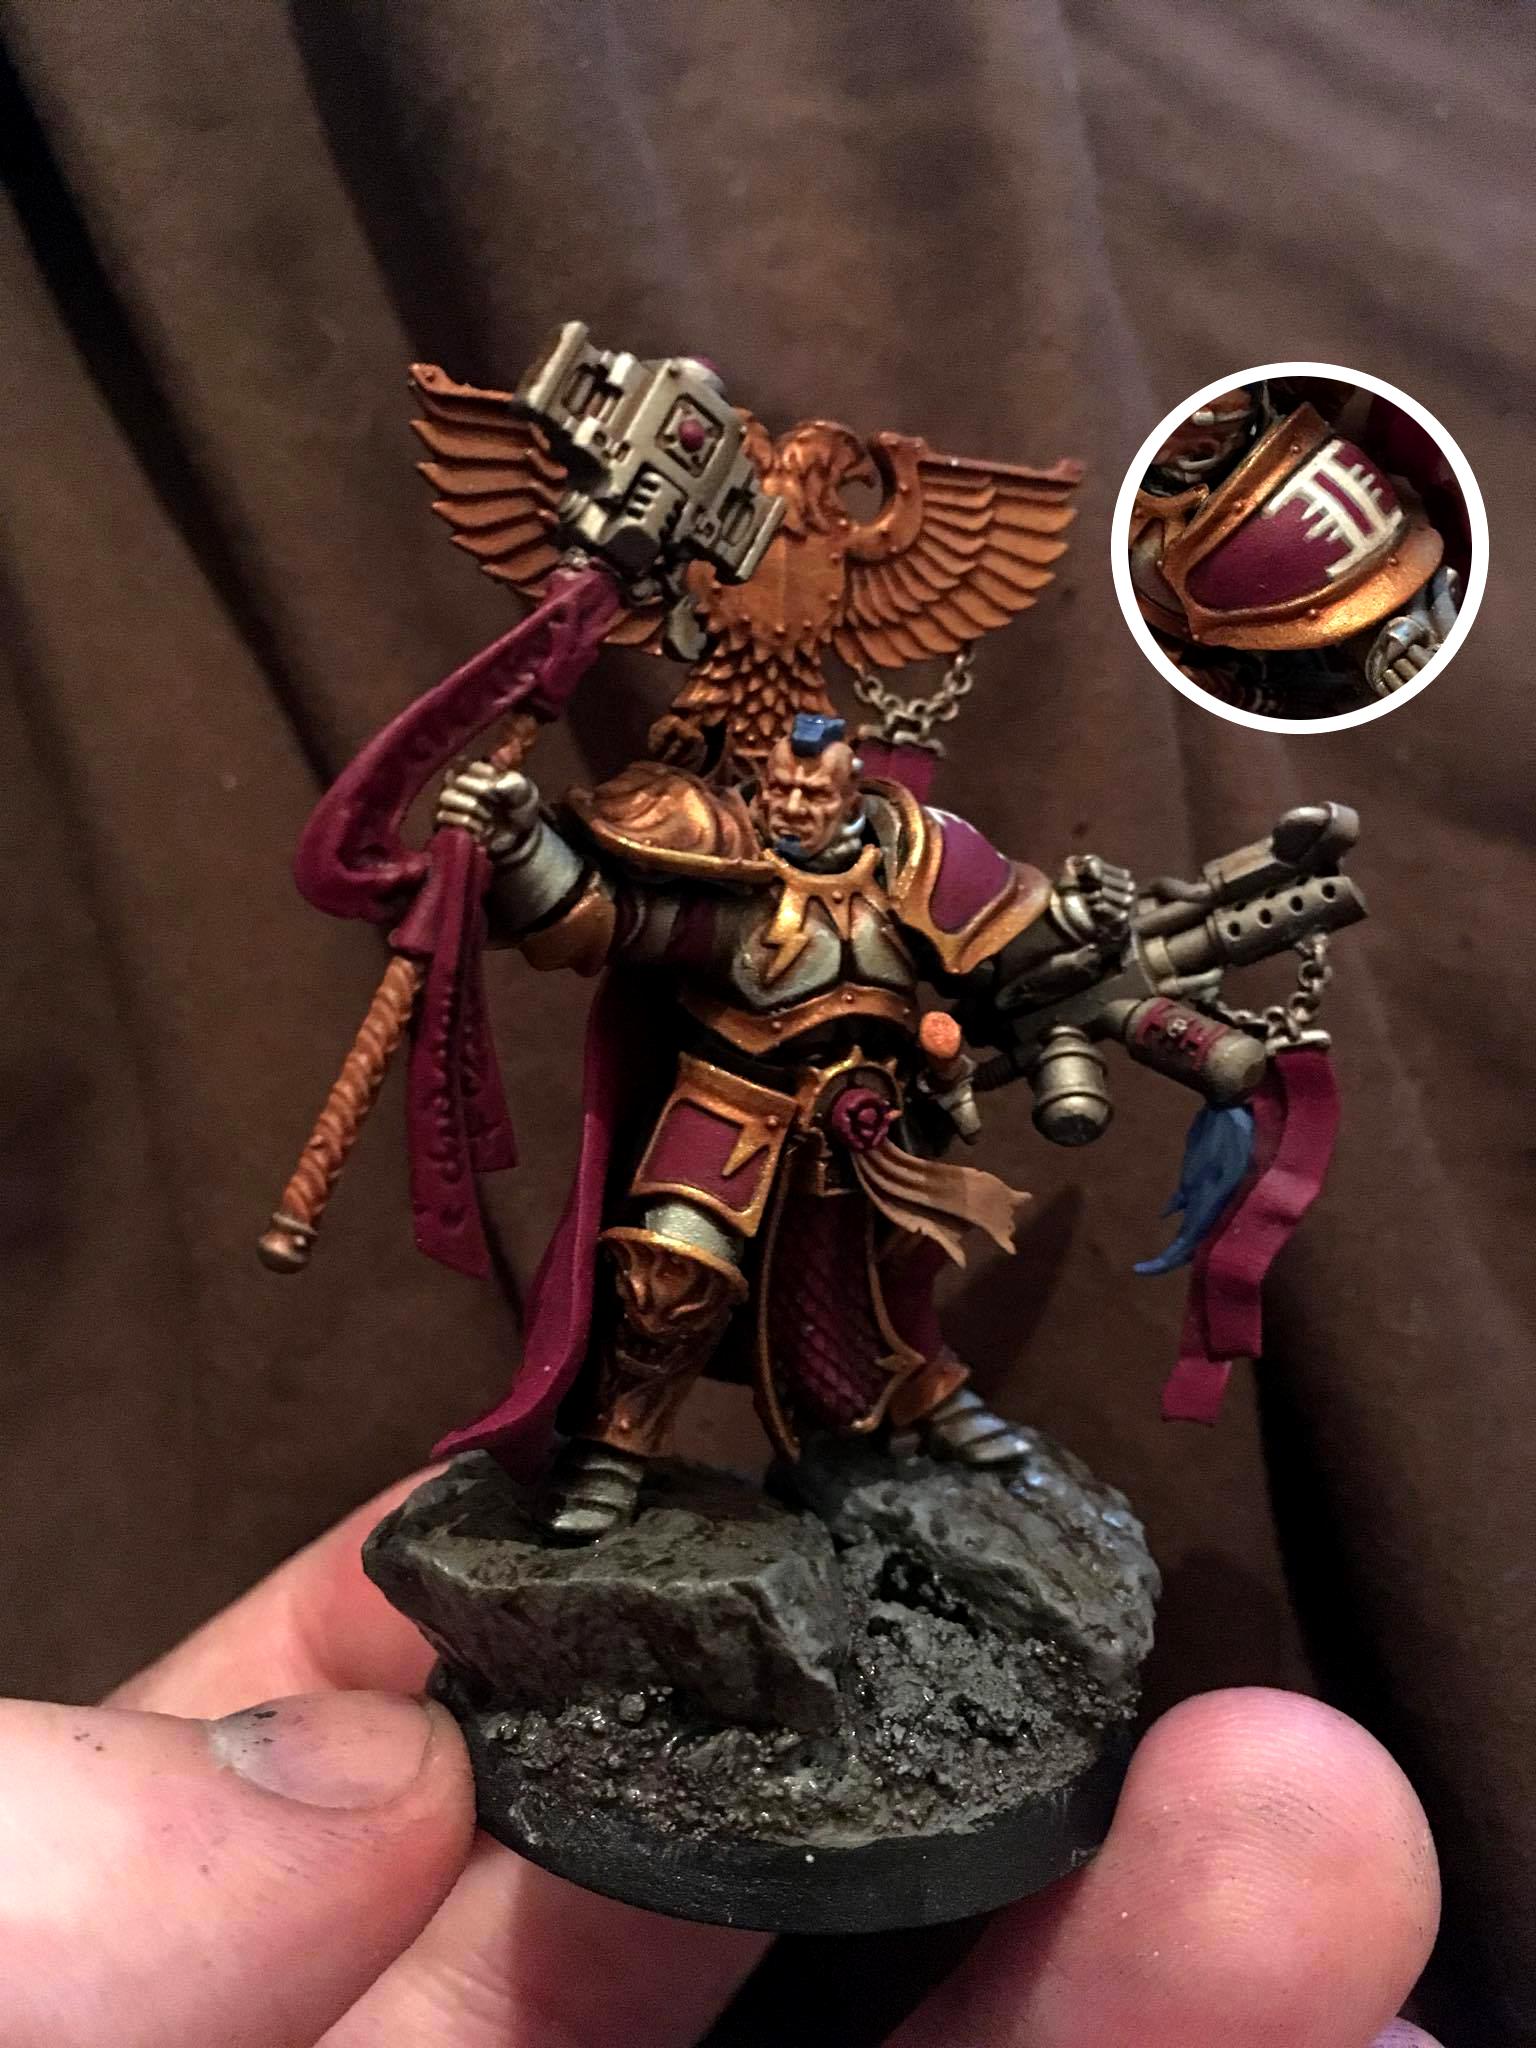 Inquisition, Inquisitor, Nemesis Daemon Hammer, Ordo Malleus, Terminator Armor, Warhammer 40,000